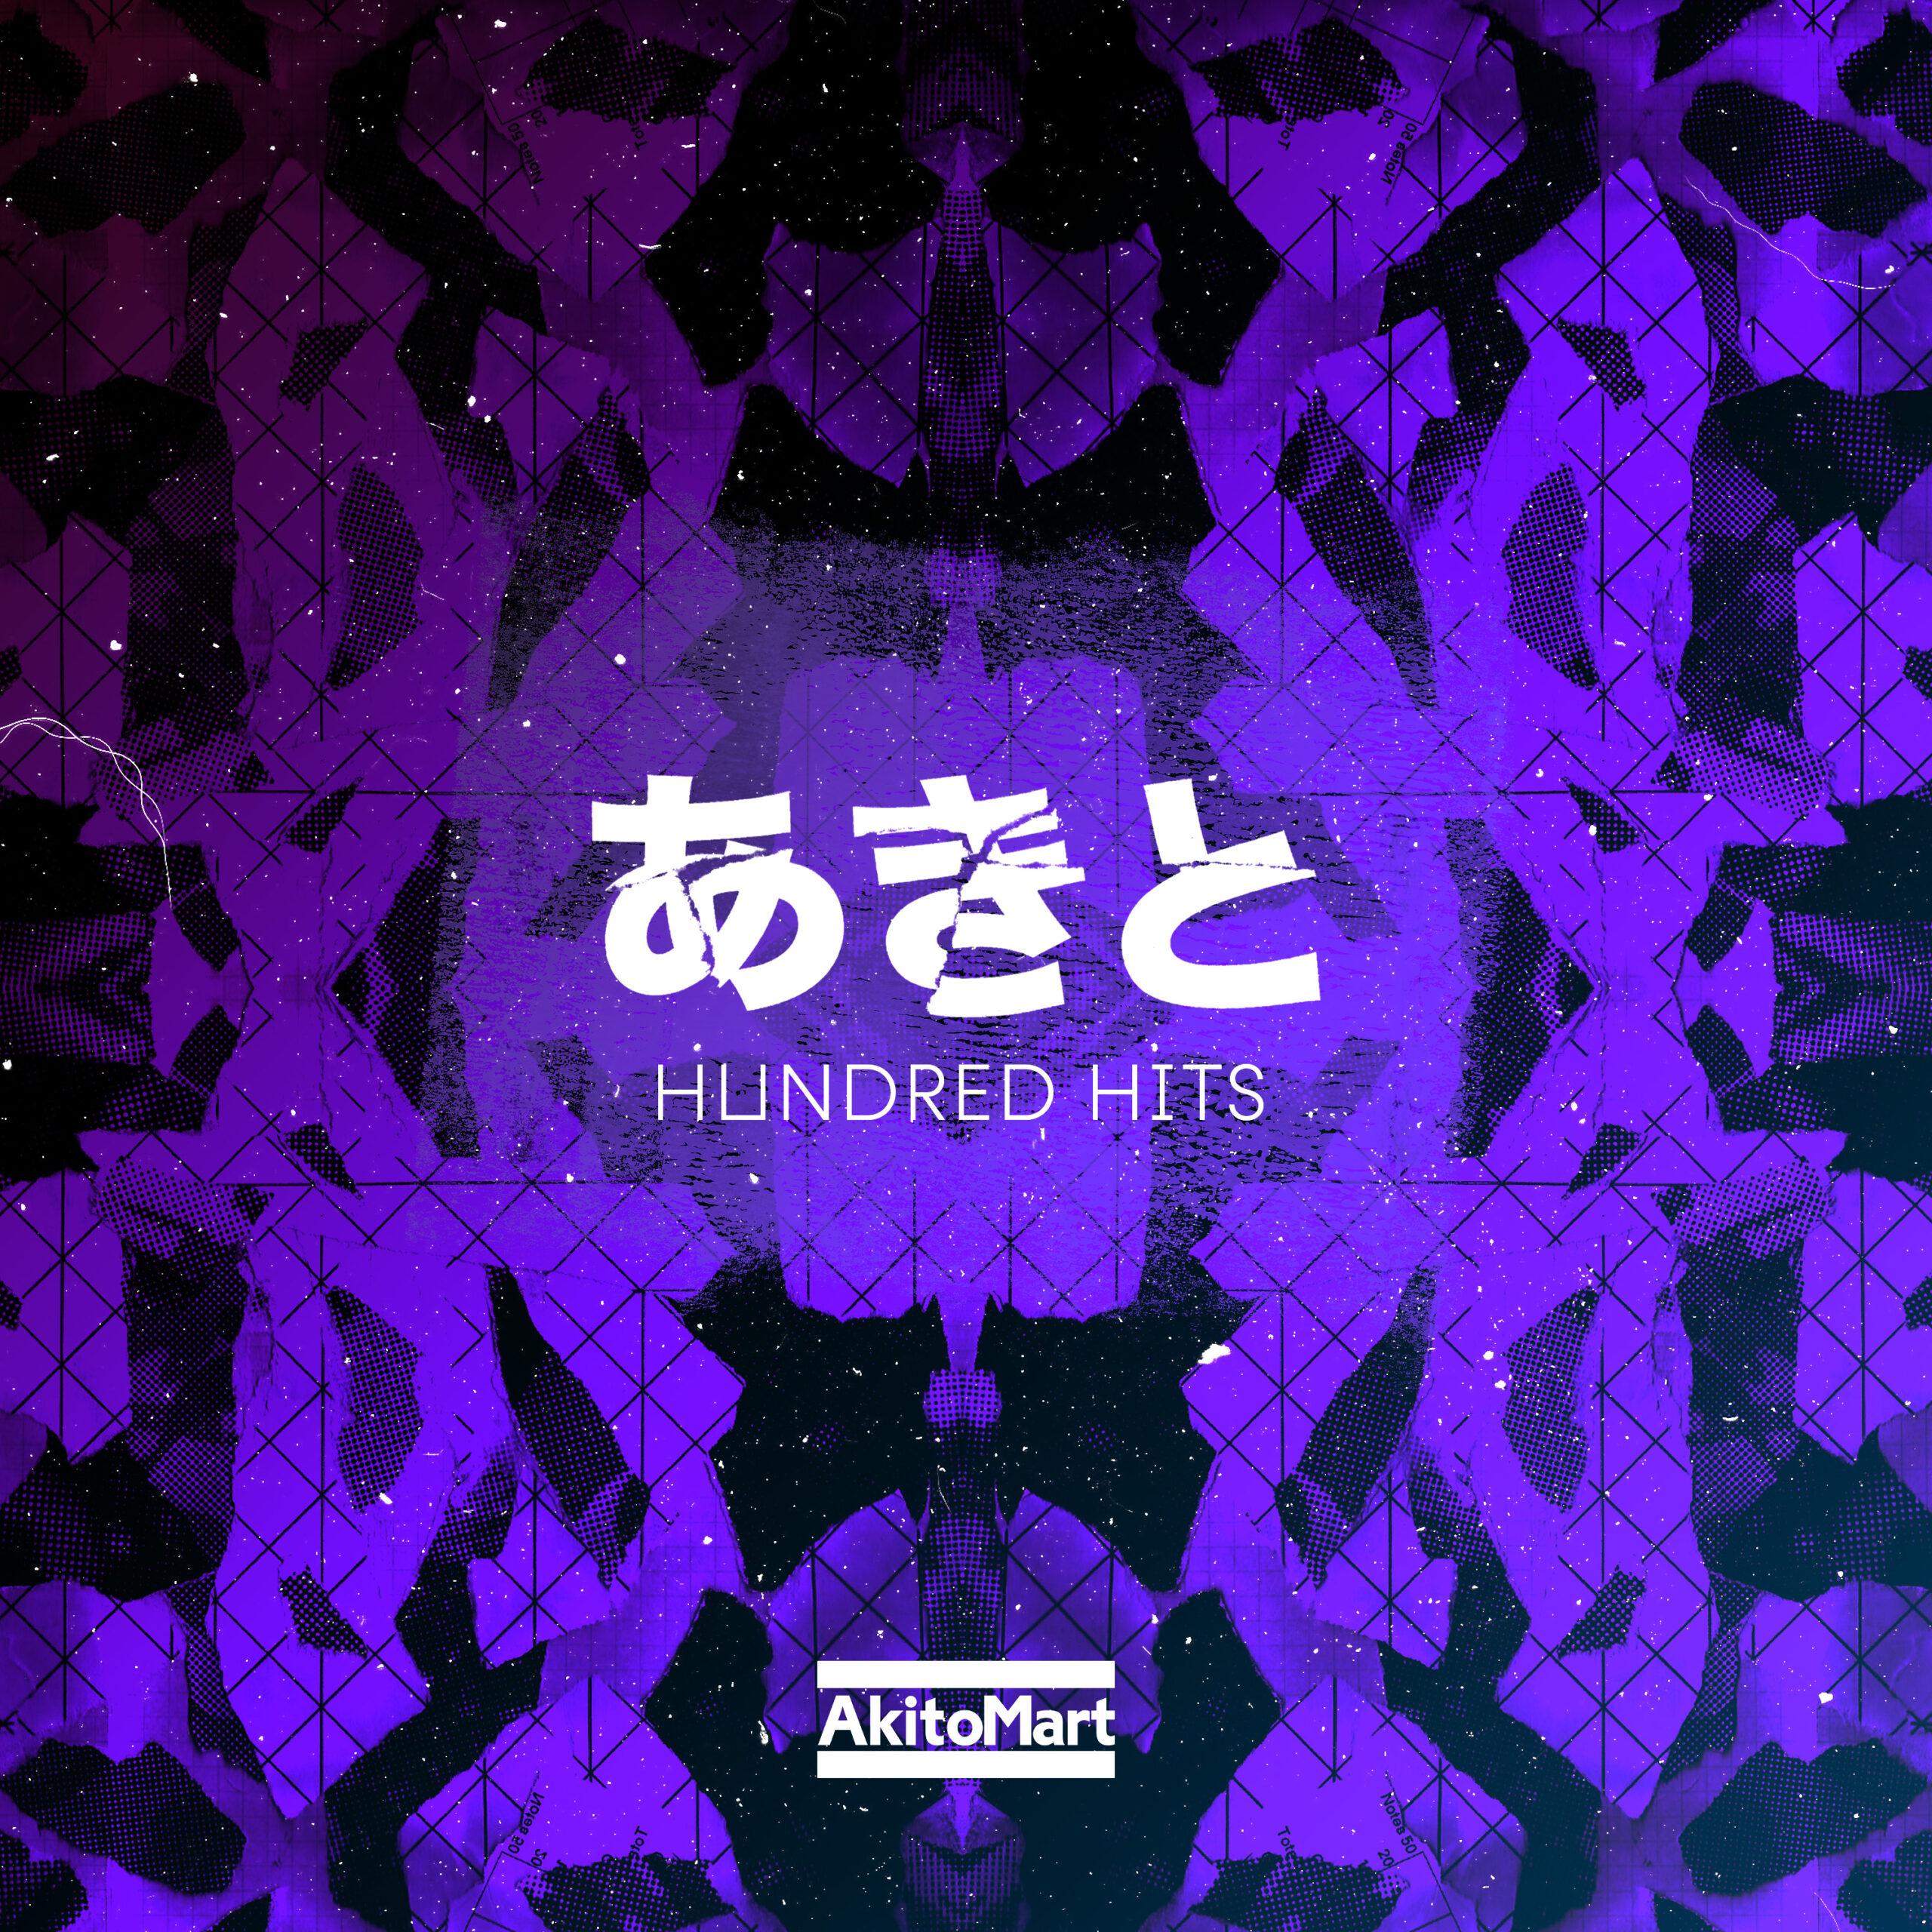 Akito - Hundred Hits Drum Sample Pack- AkitoMart